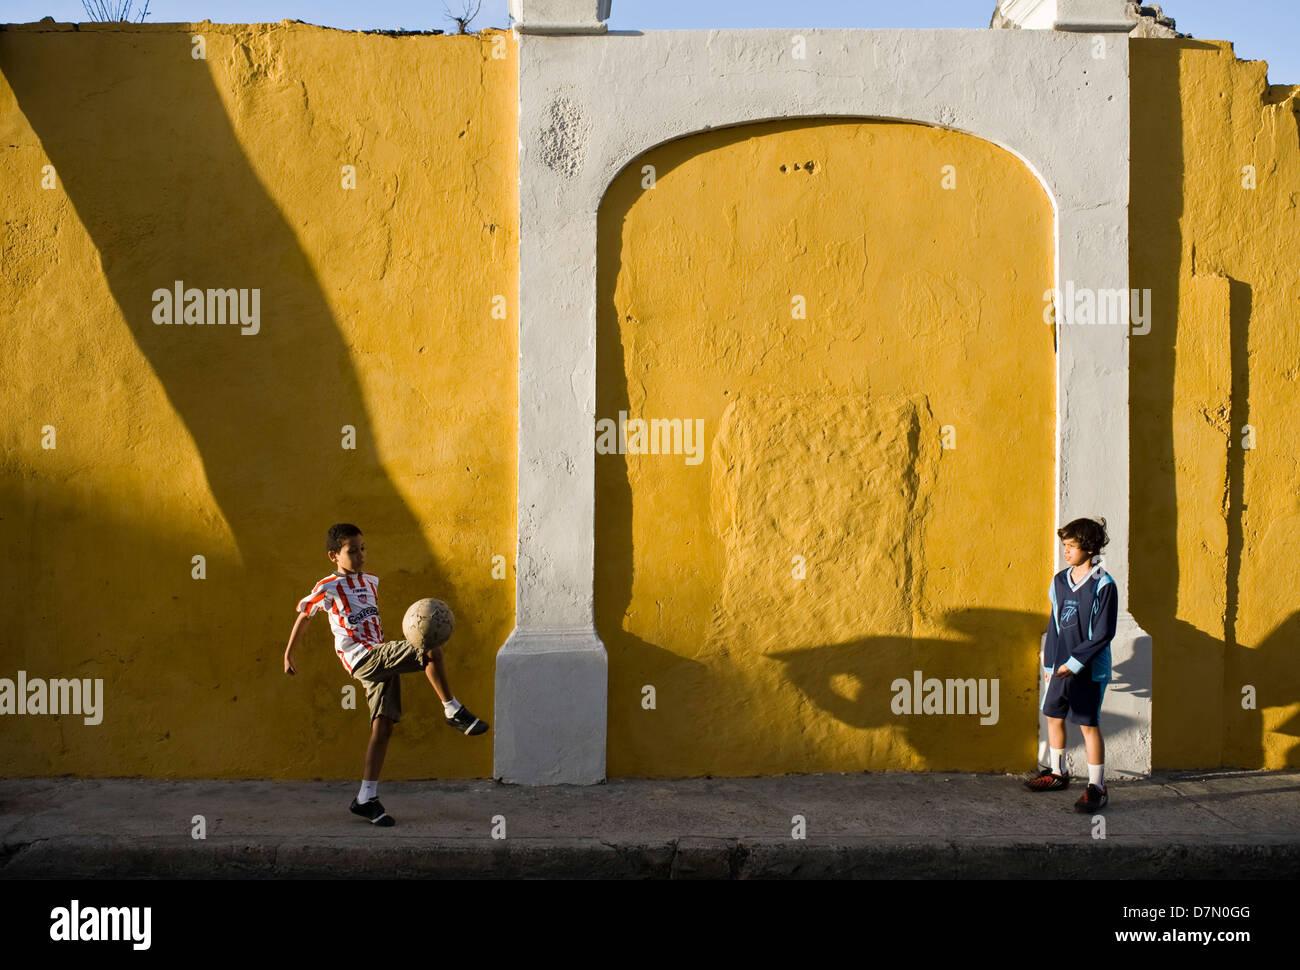 I ragazzi a giocare il gioco del calcio (soccer) nella città vecchia, Cartagena, Colombia Immagini Stock